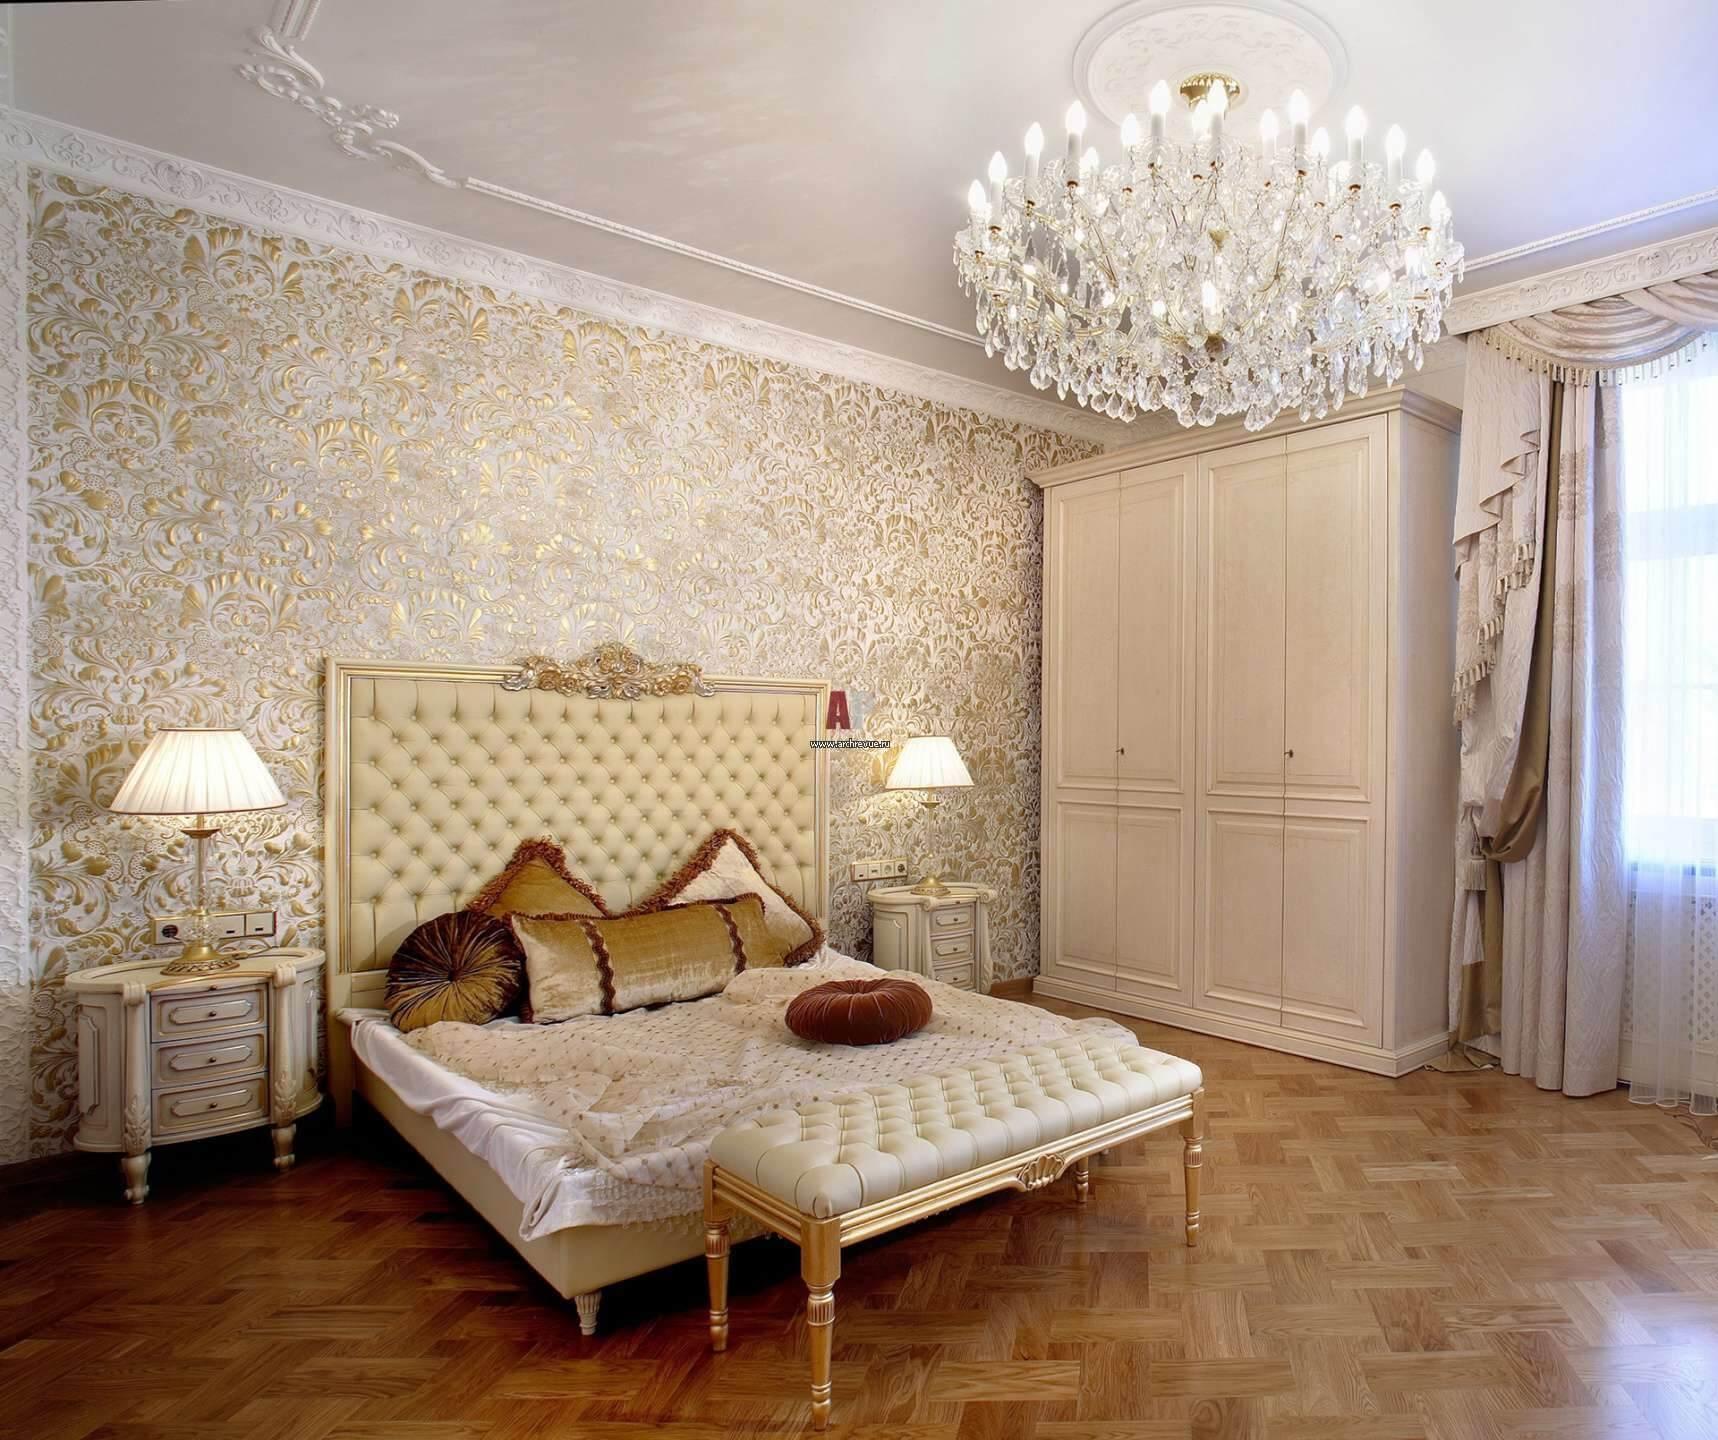 Золотистые жидкие обои в интерьере спальни